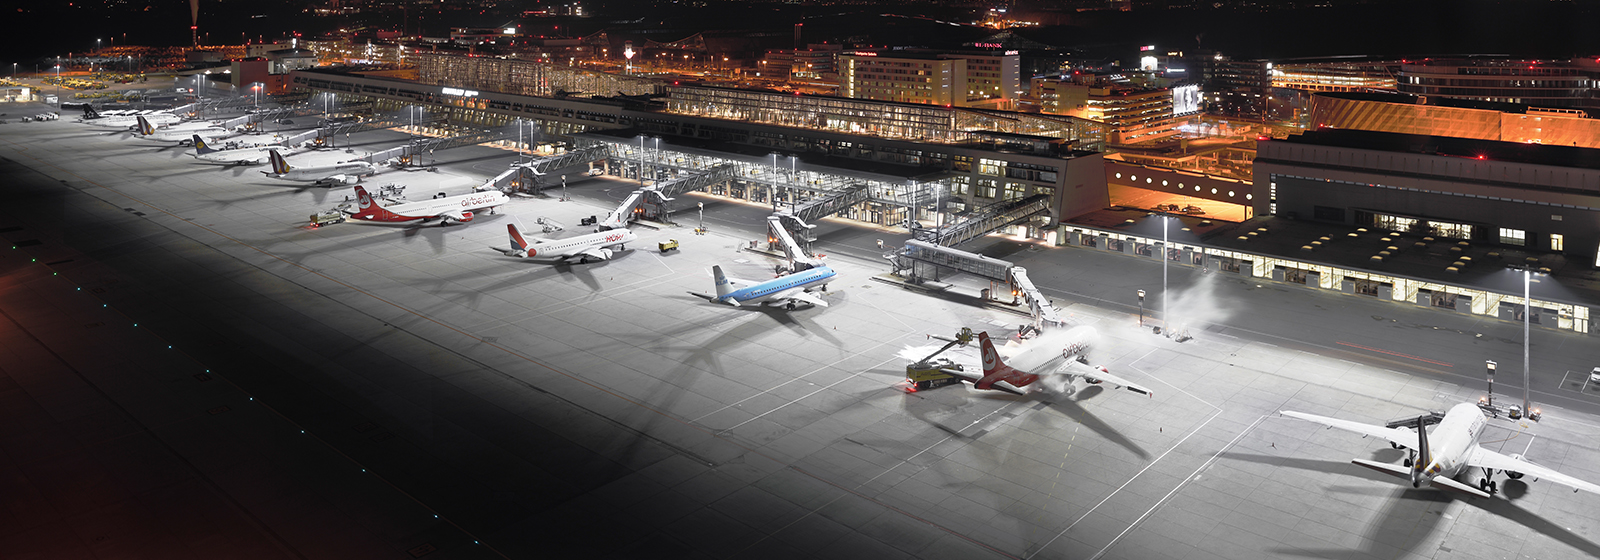 Aeroporto Stoccarda